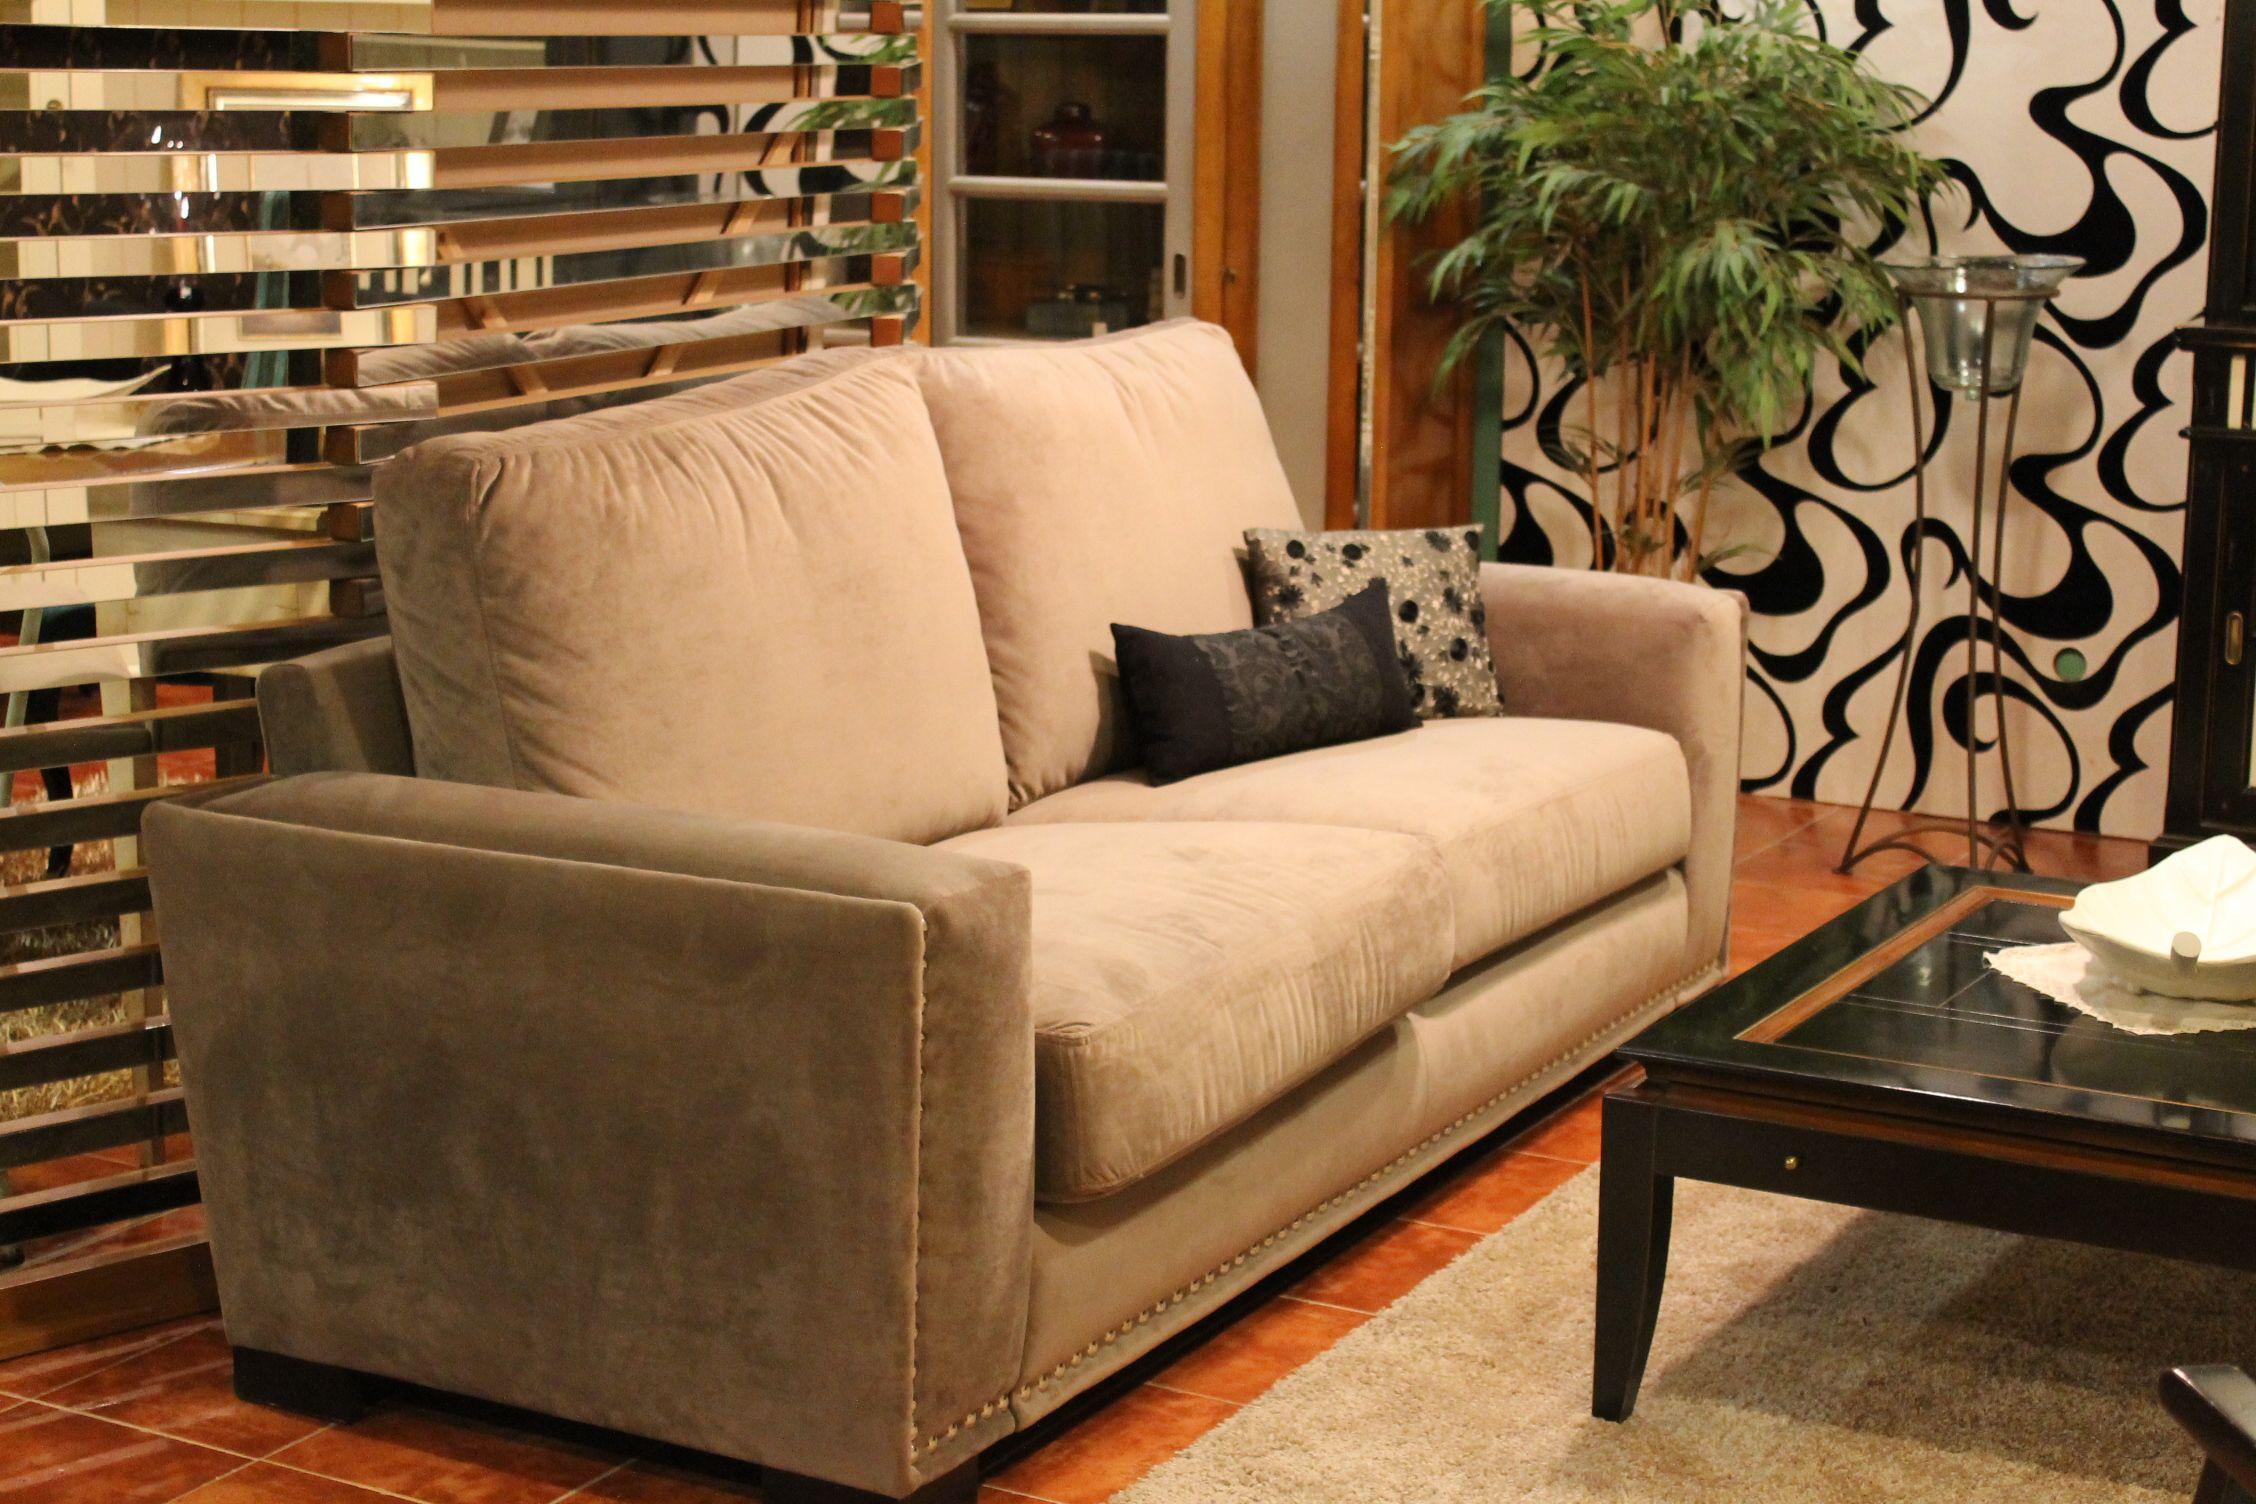 Sofa Estilo Clasico Tapizado En Tela Y Con Tachuelas Modelo  # Muebles Tapizados En Tela